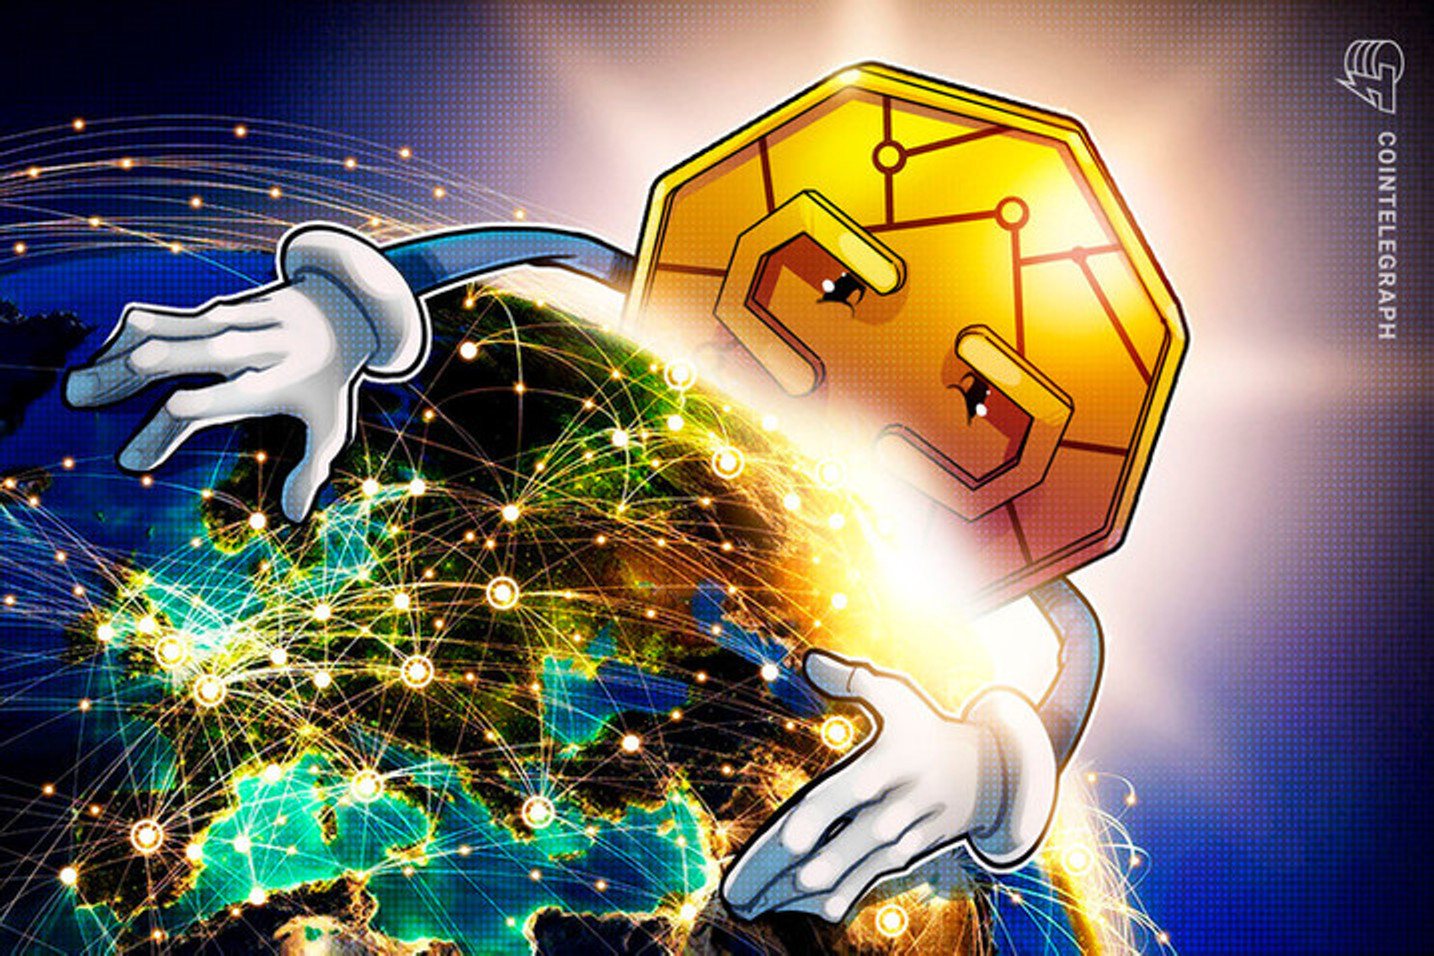 'Grande lição da pandemia para investidores cripto foi impacto do BTC a longo prazo', diz cofundador da BitcoinTrade